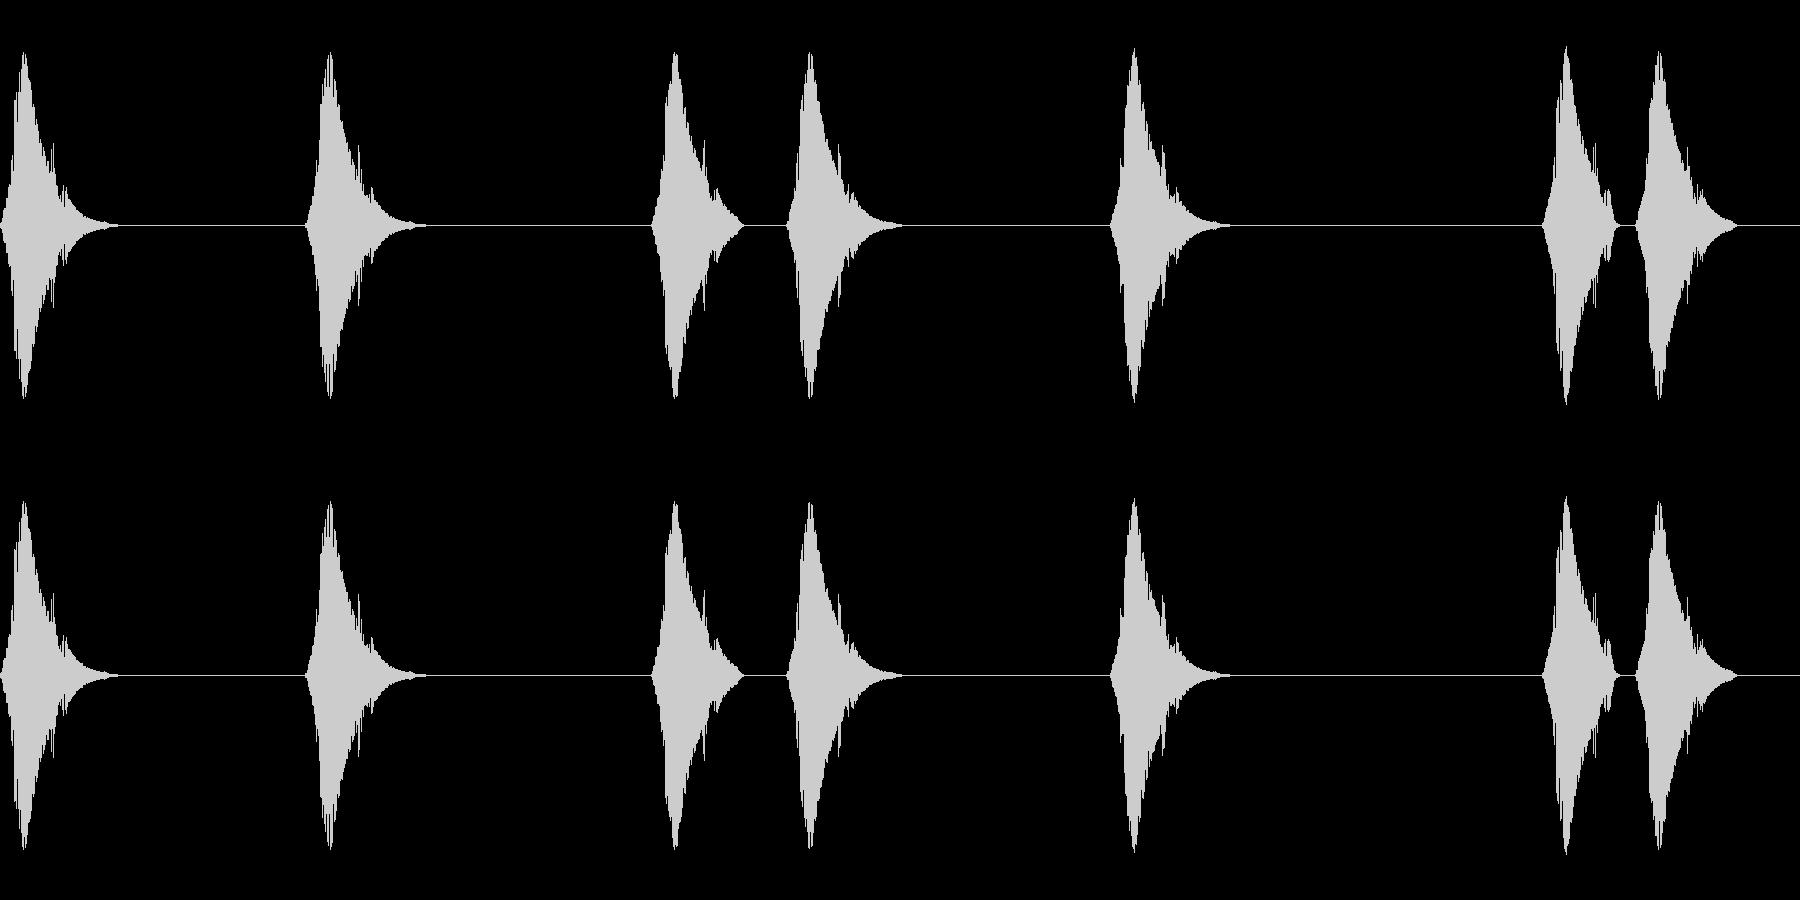 ピコピコ…(小動物/しっぽ/かわいい)の未再生の波形